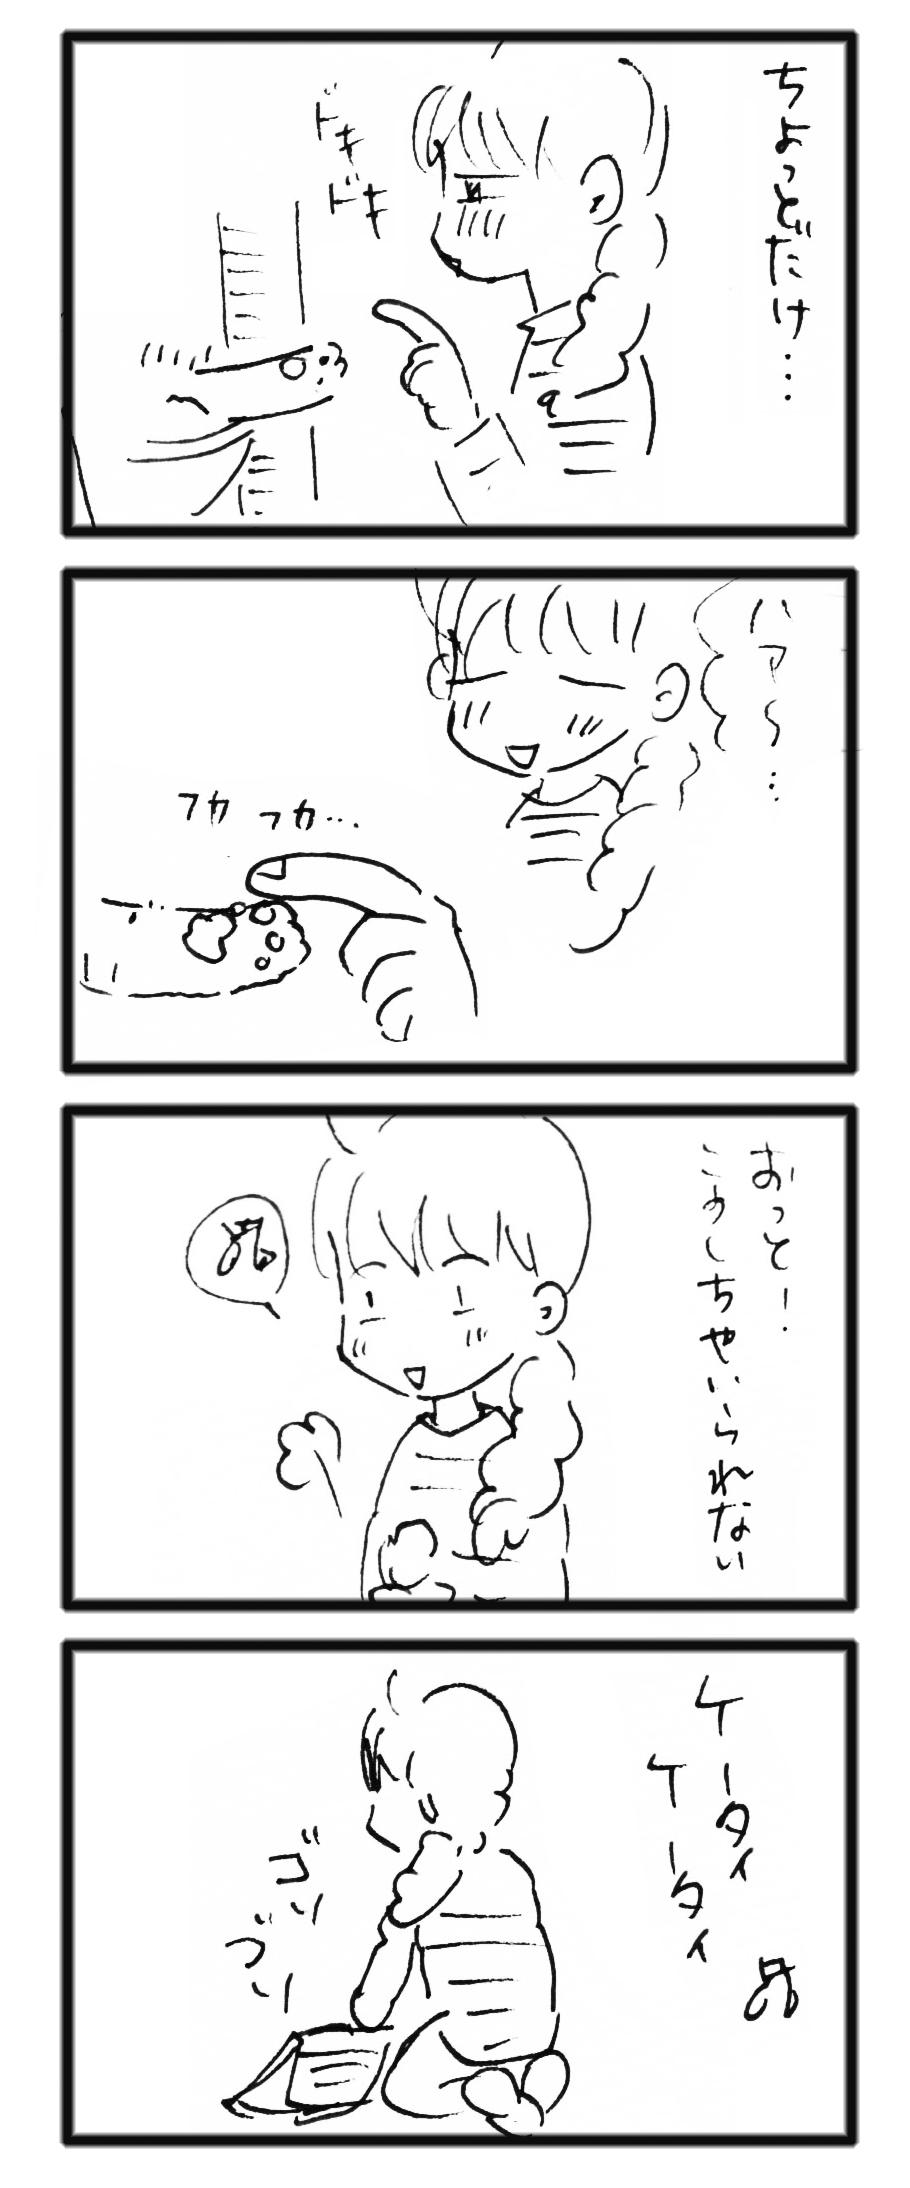 comic_20130519_02.jpg